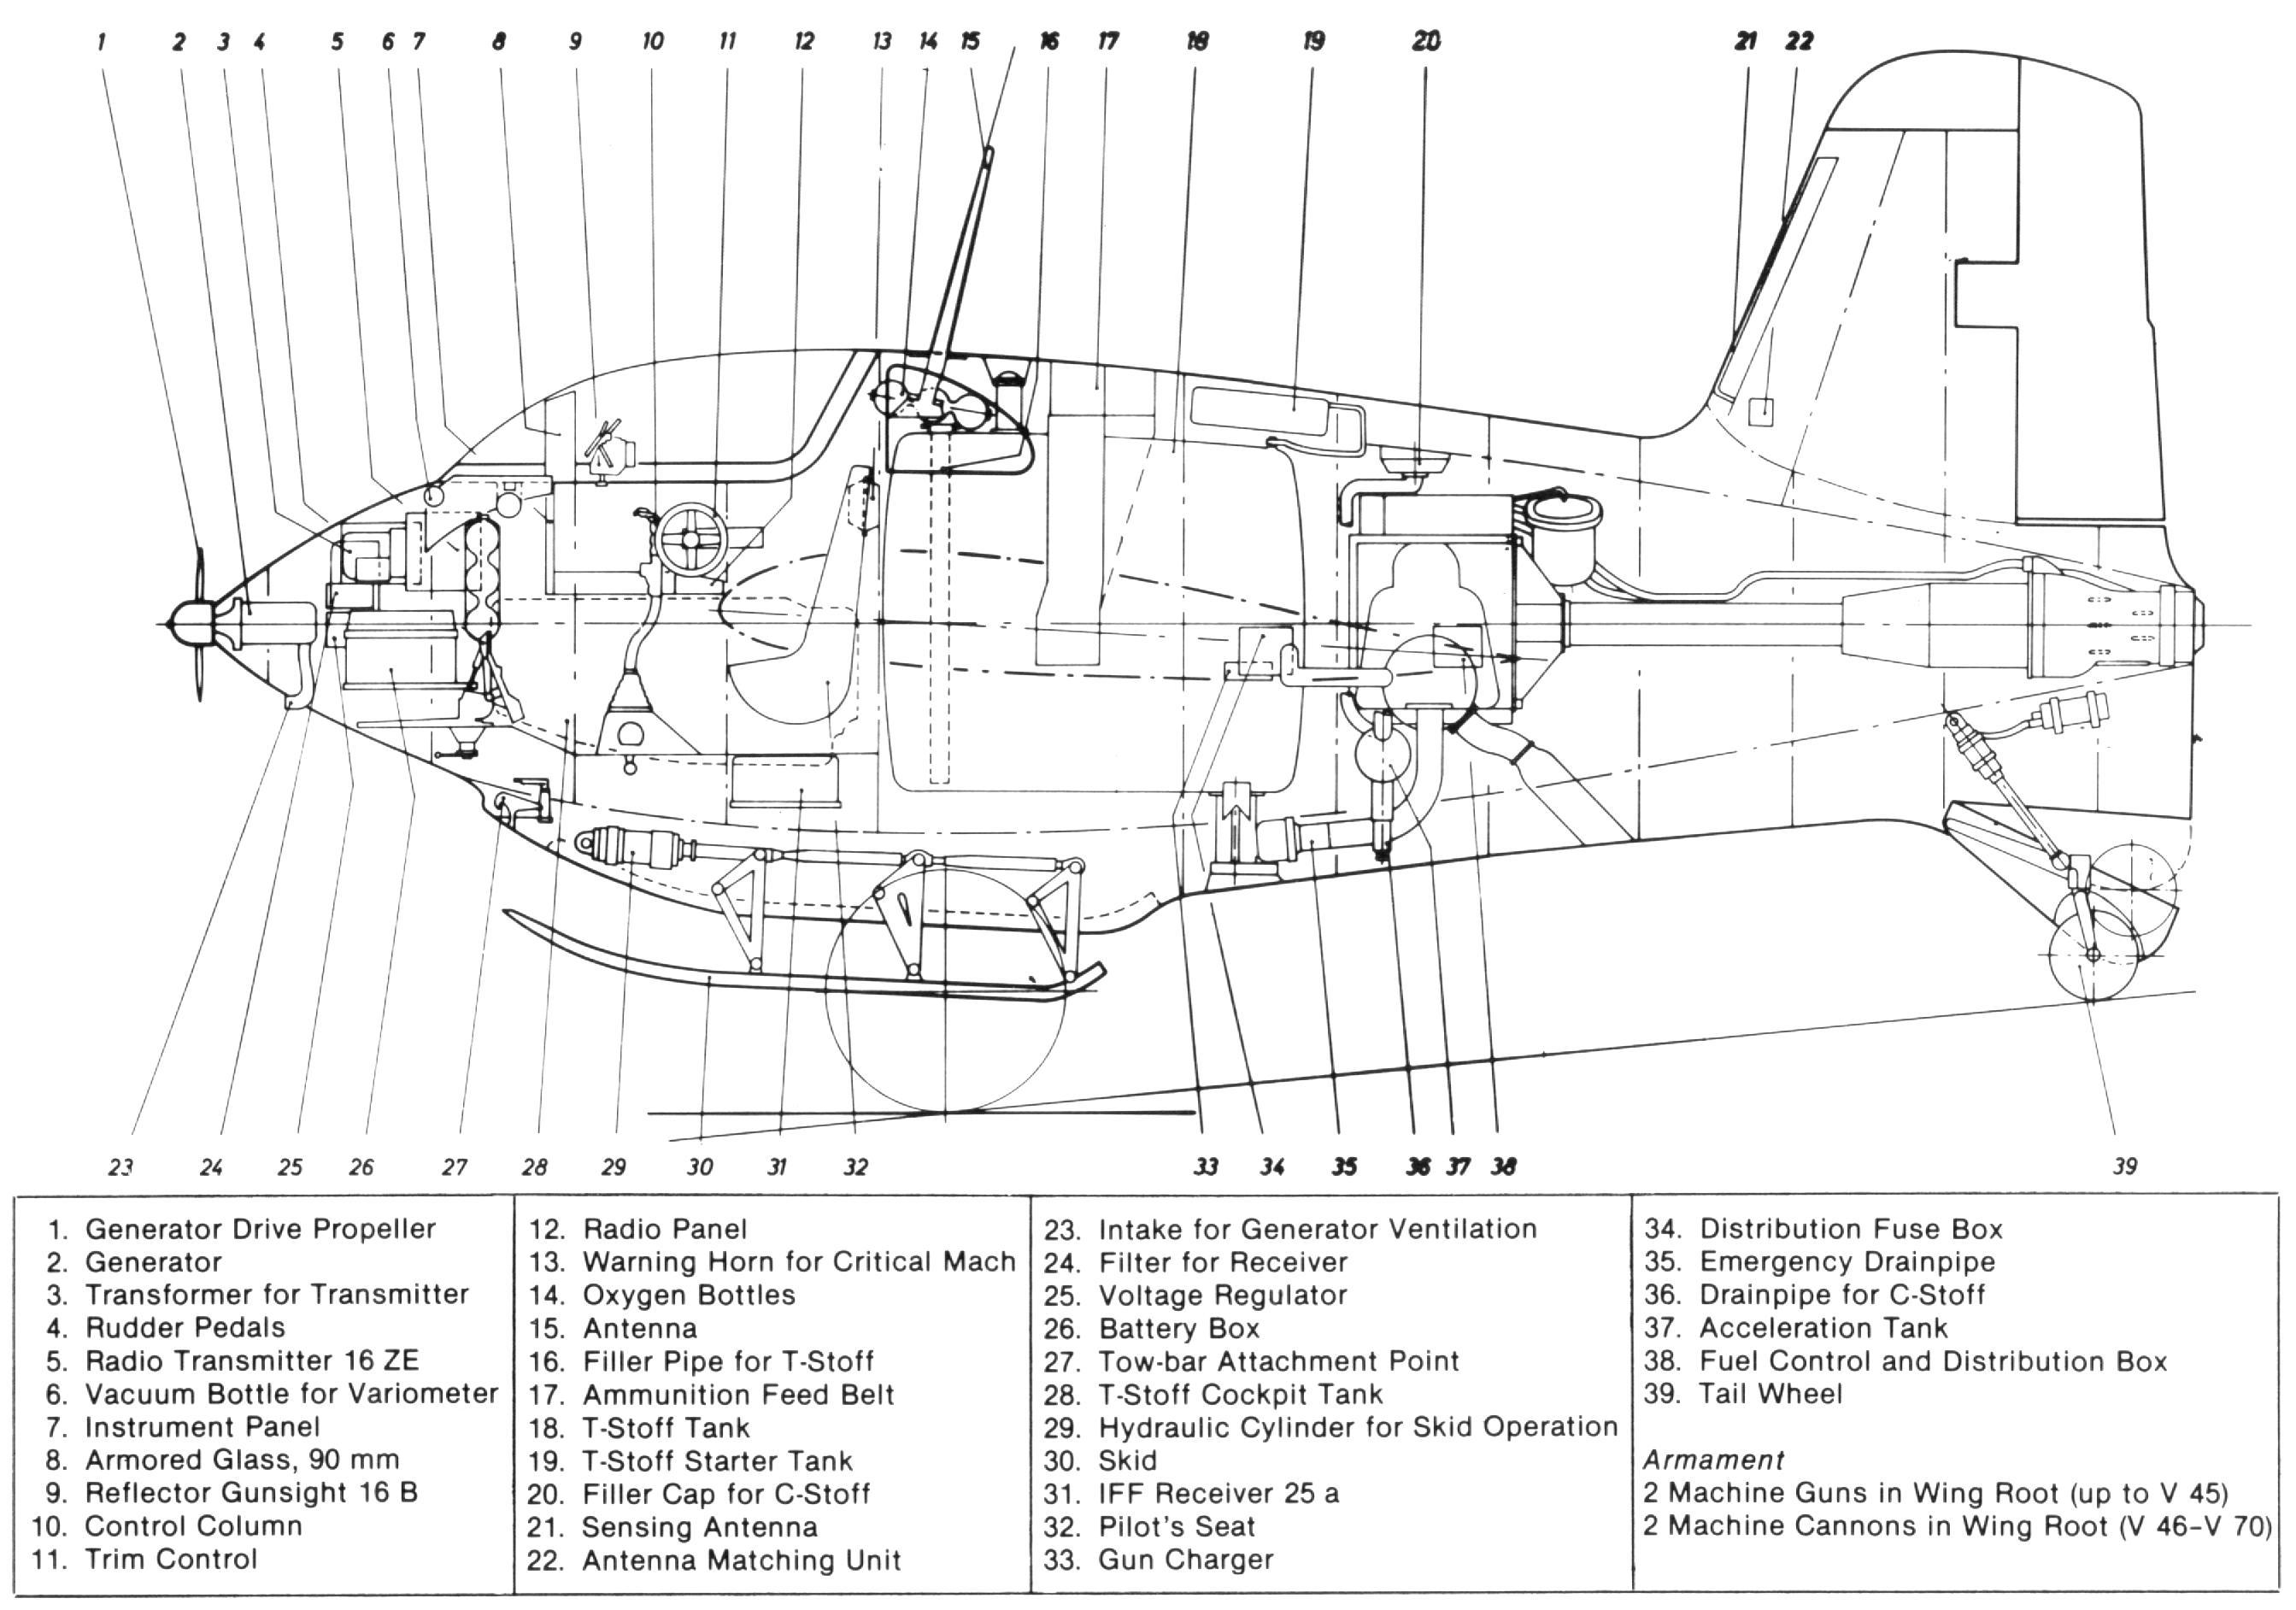 Messerschmitt Me 163 Cross Section